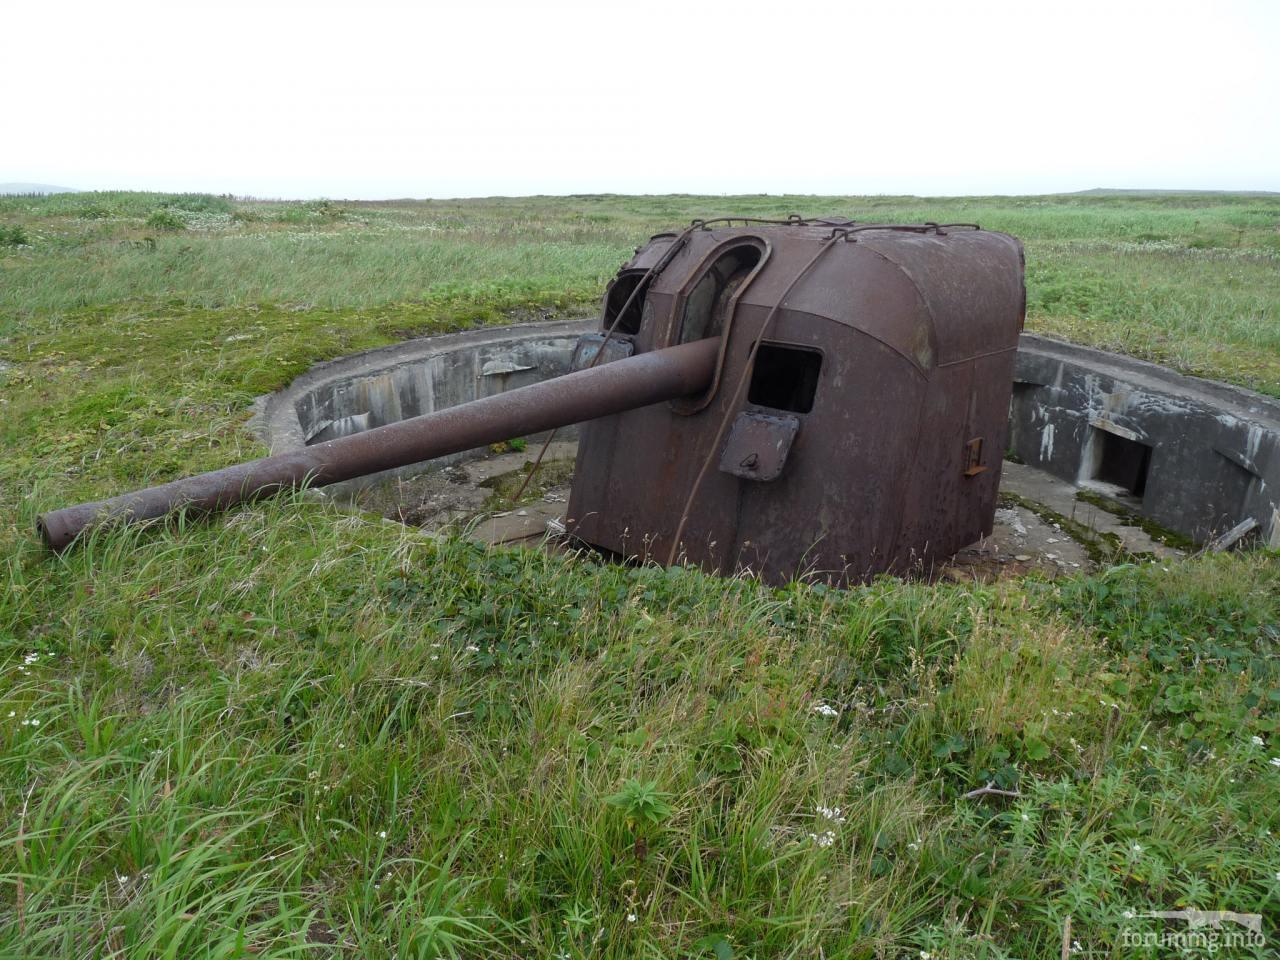 126347 - Корабельные пушки-монстры в музеях и во дворах...